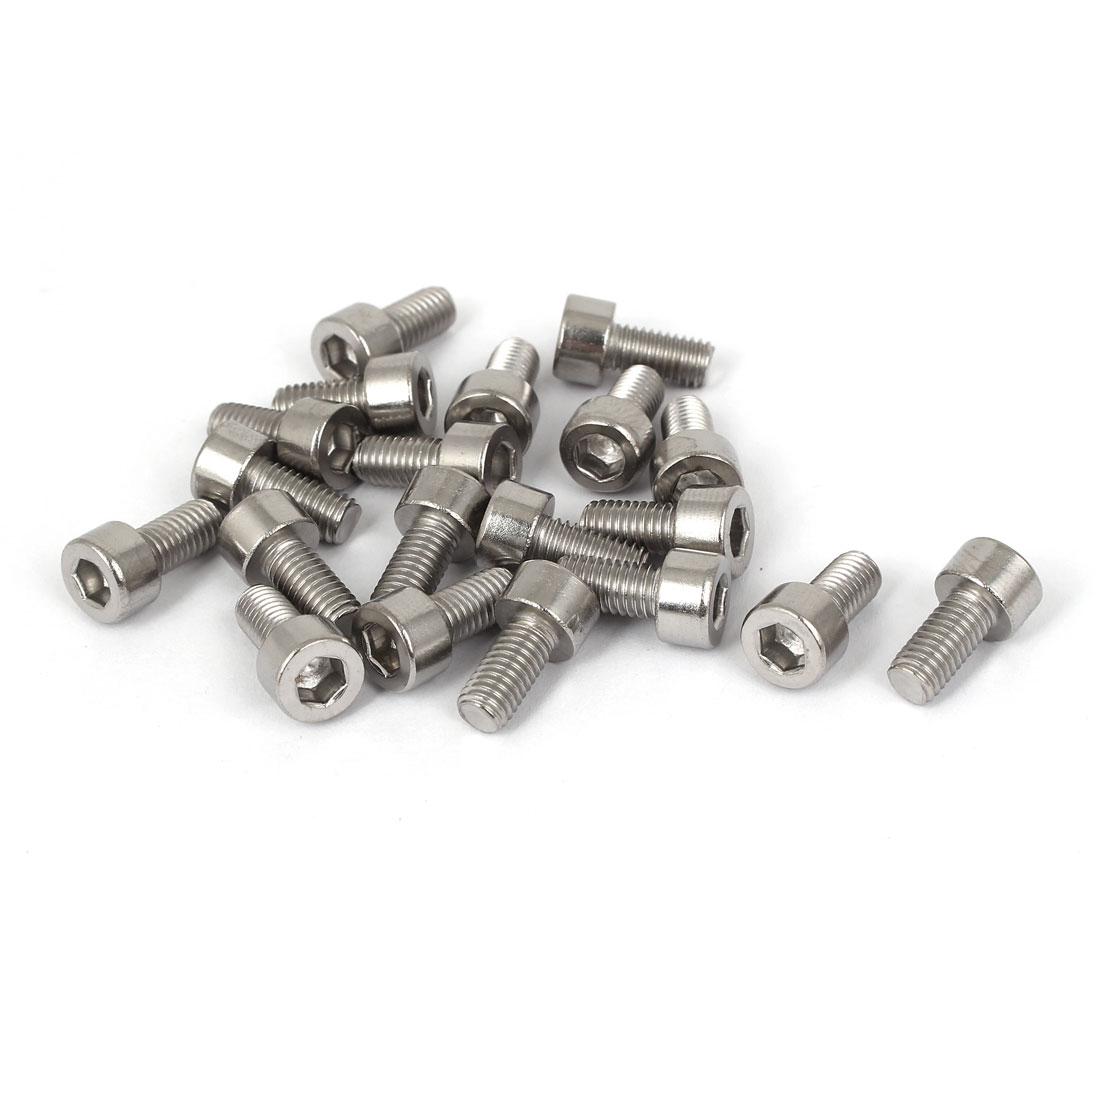 20 Pcs M5x10mm 316 Stainless Steel Metric Hex Socket Head Cap Screws 15mm Length